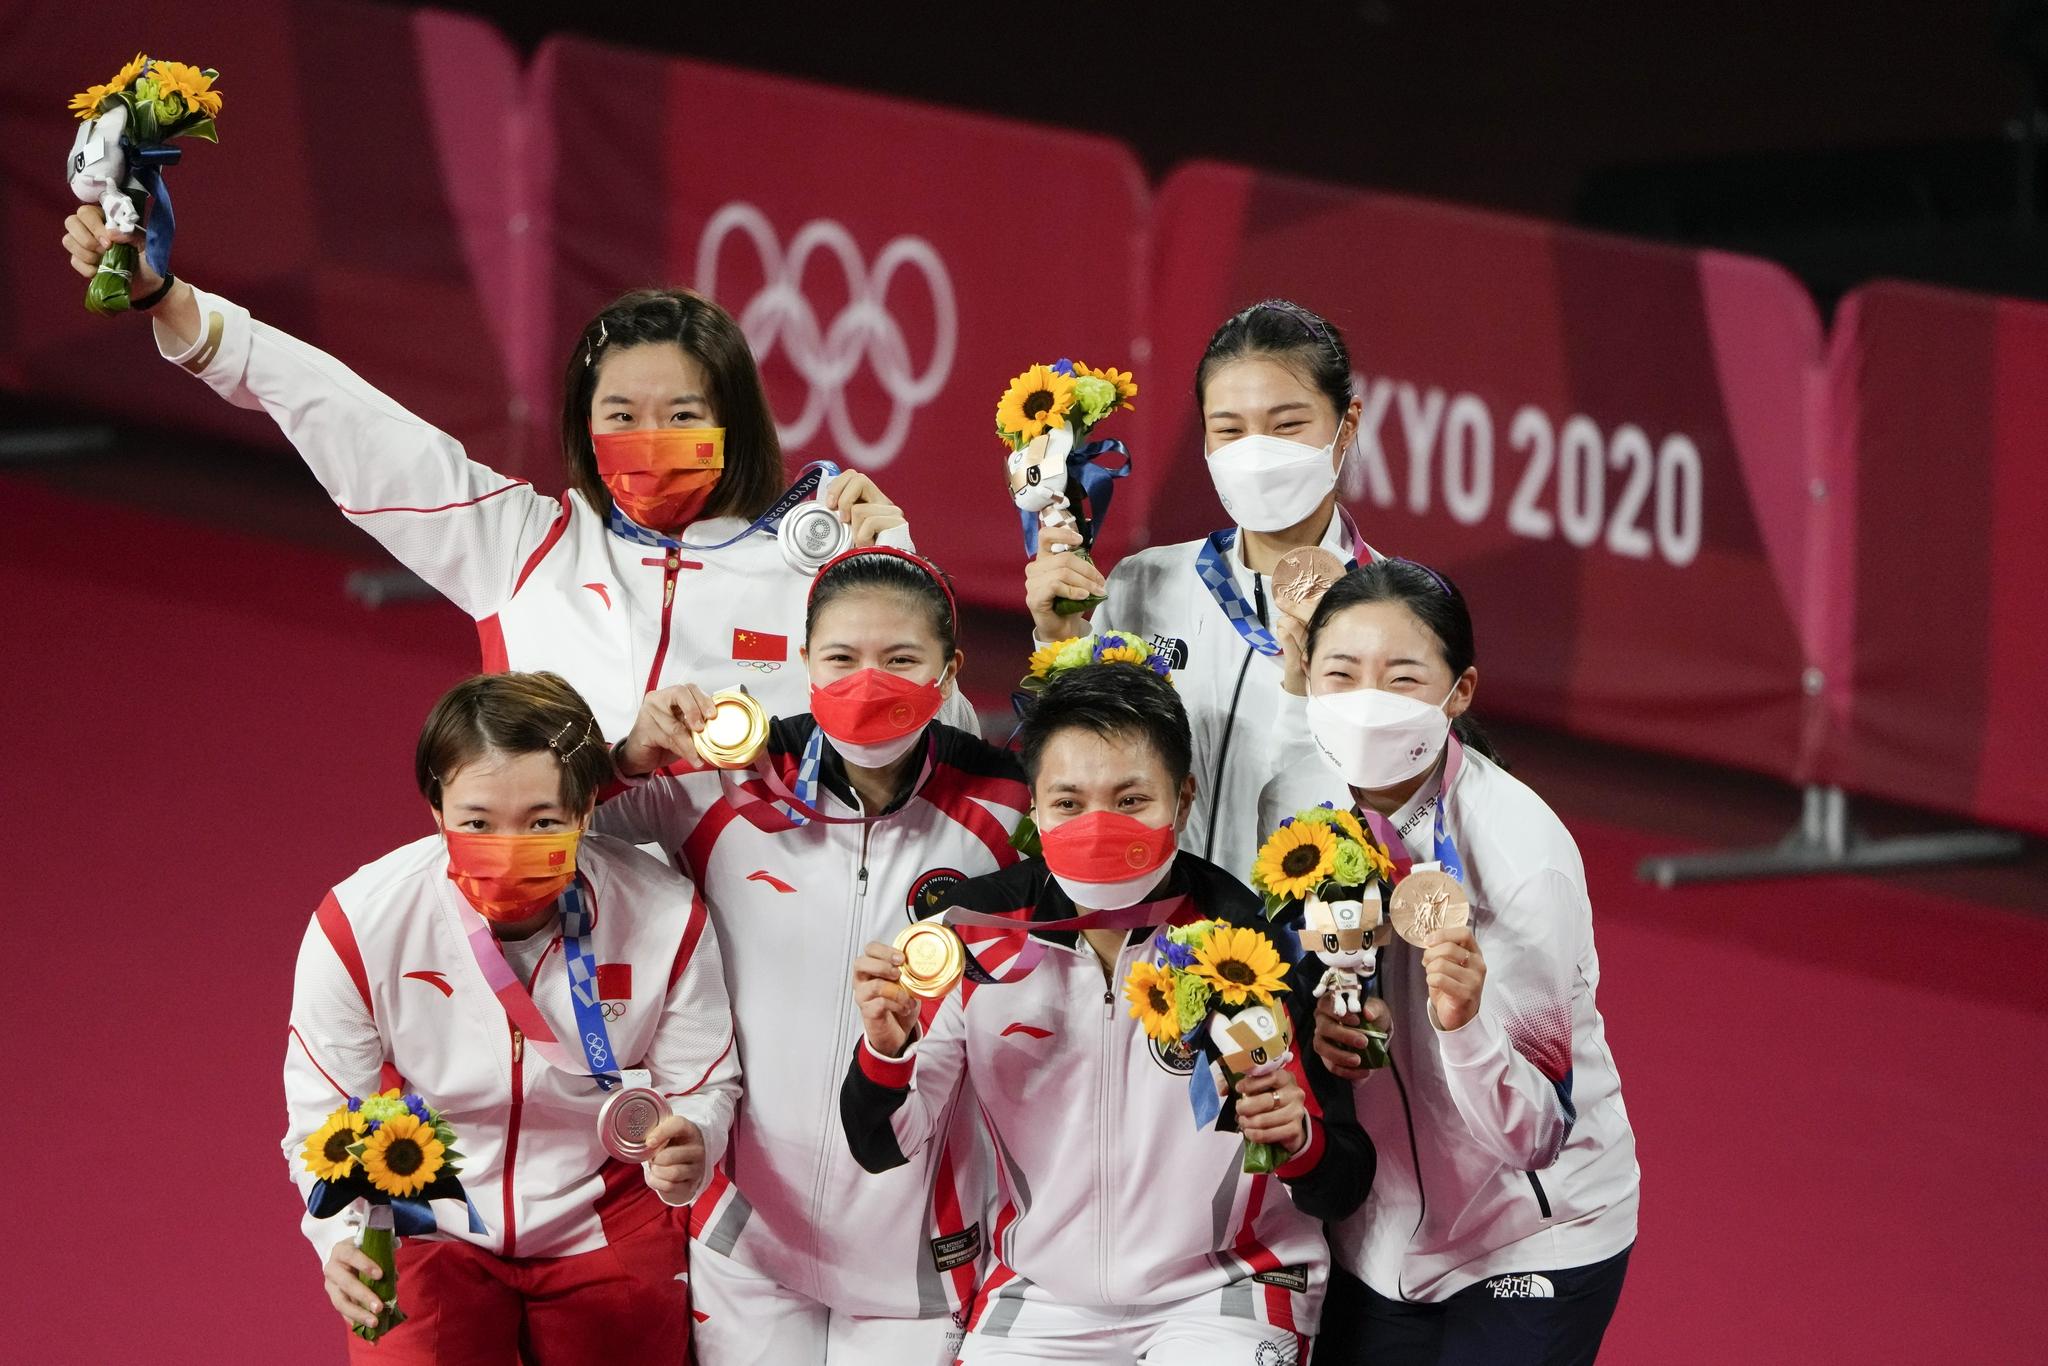 大国大团!东京奥运展现中国选手自信率真亲和